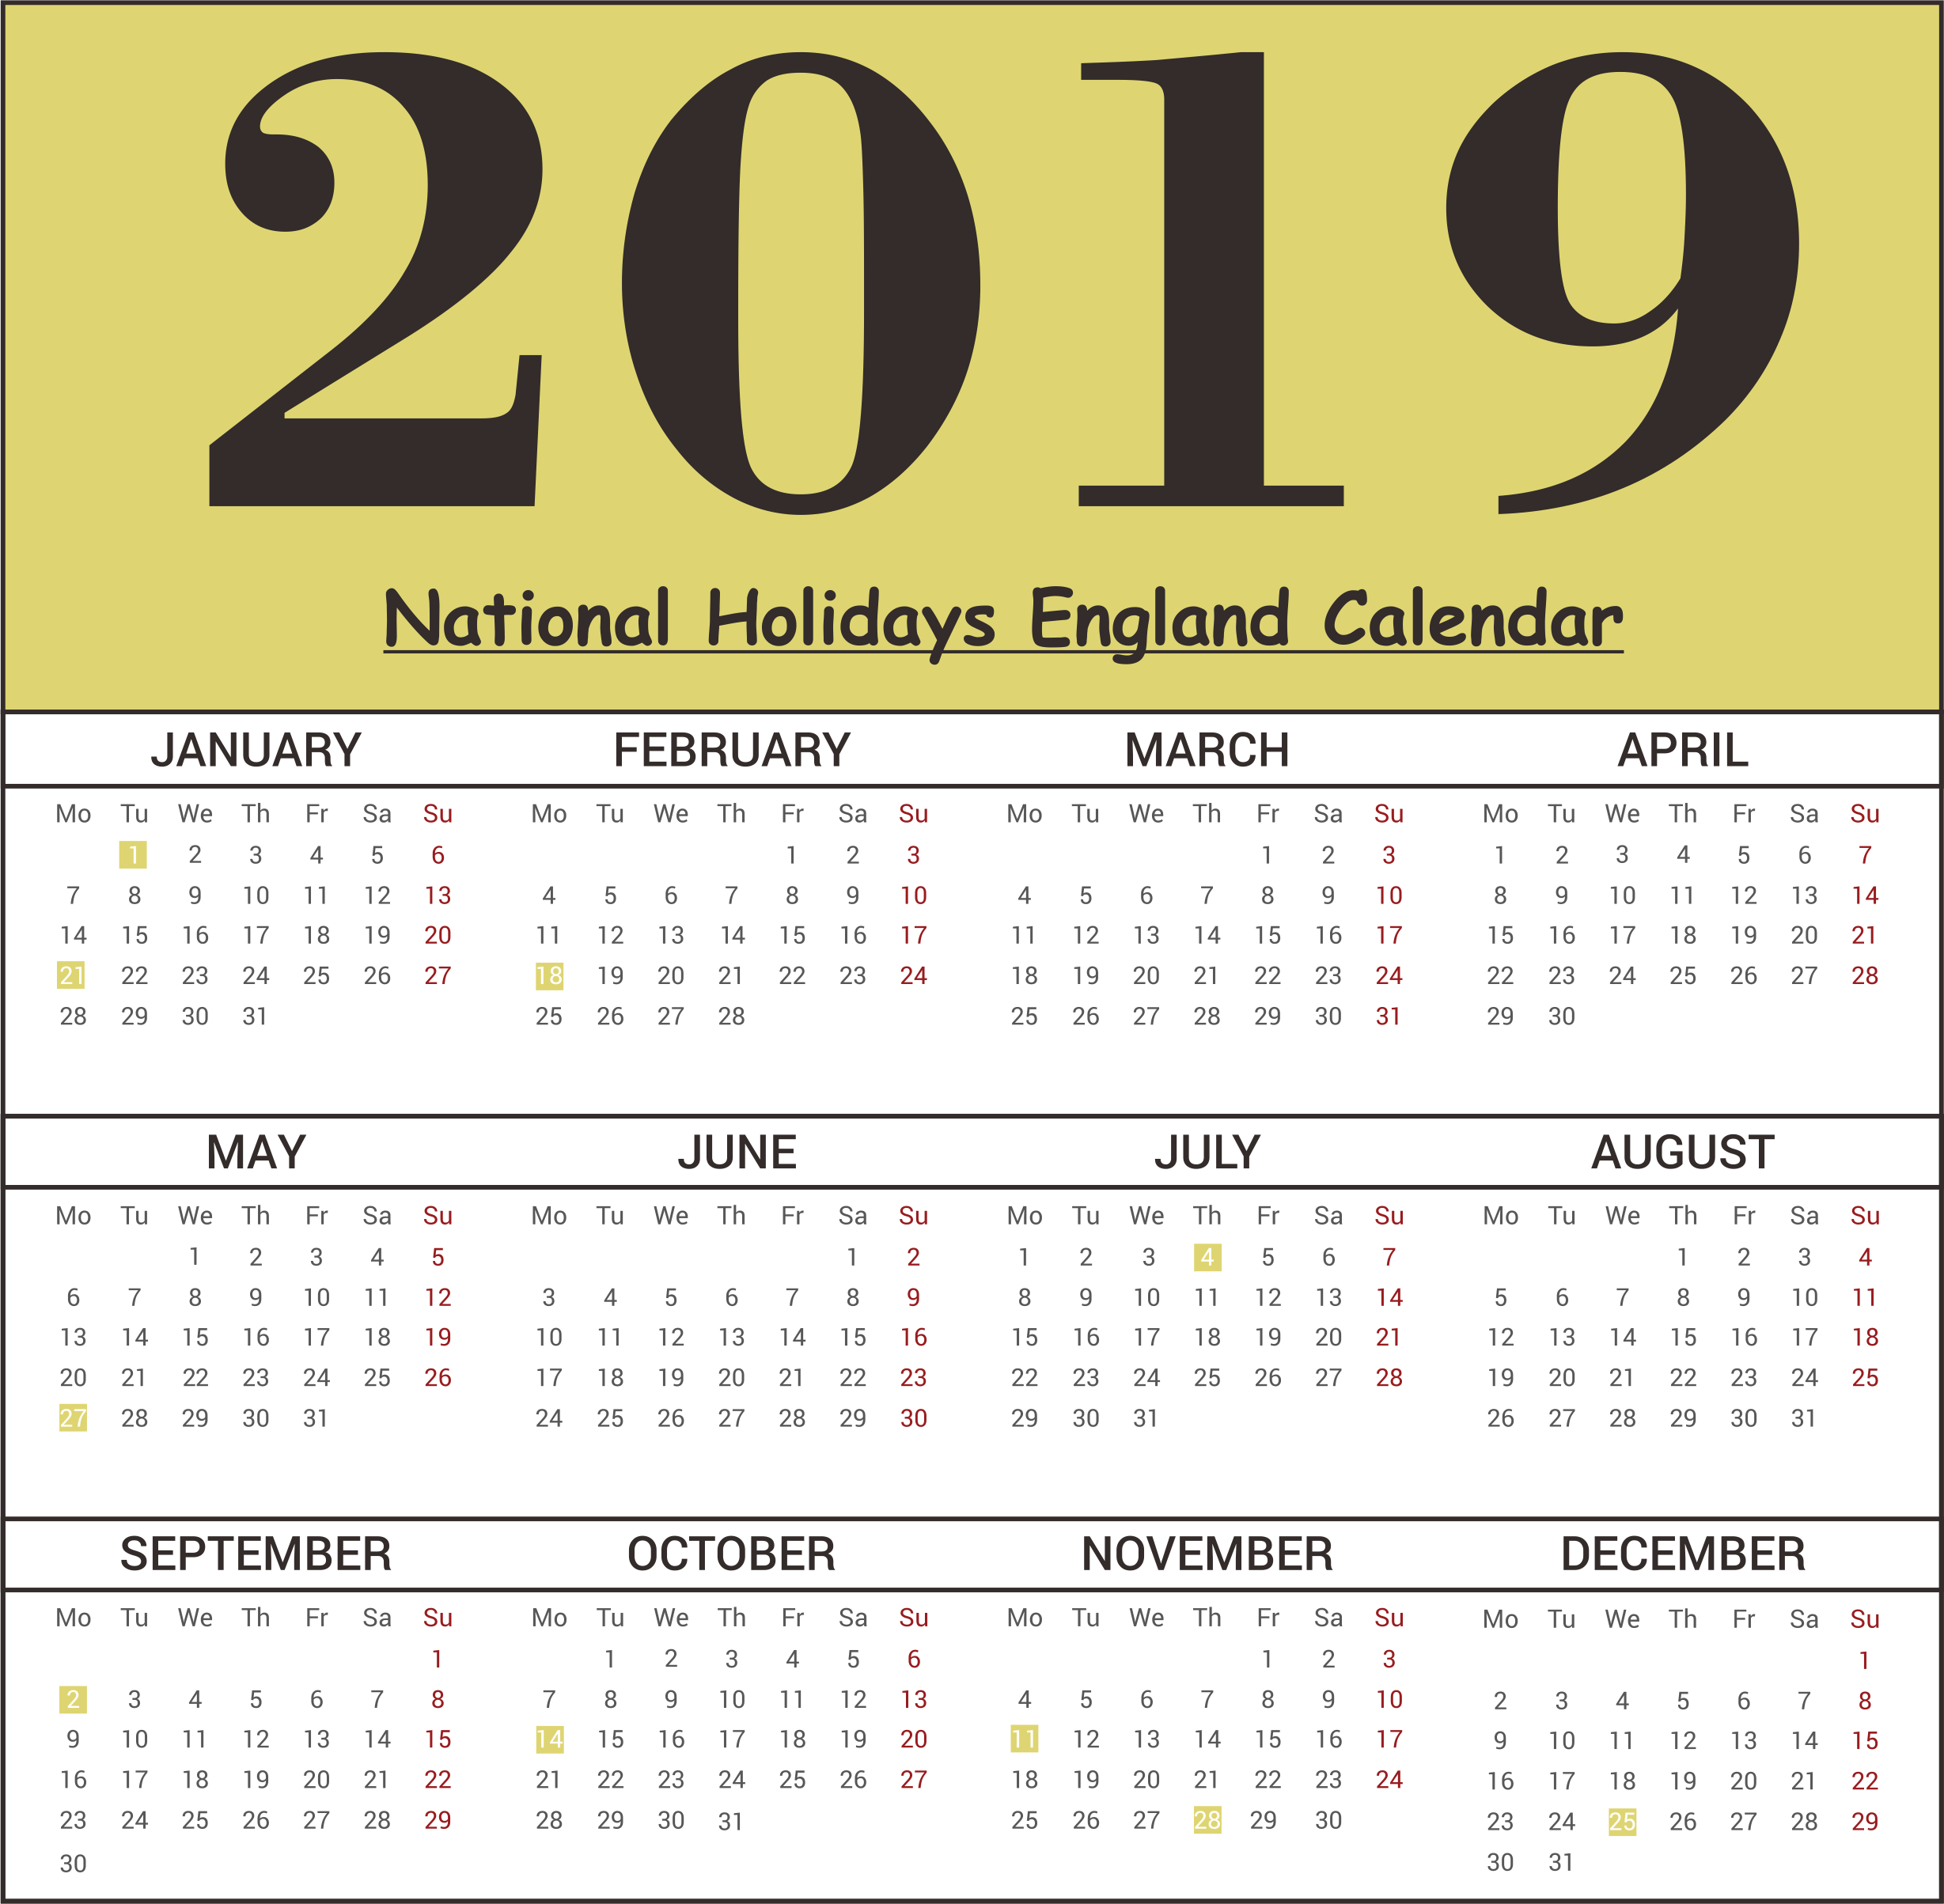 2019 England National Holidays Calendar